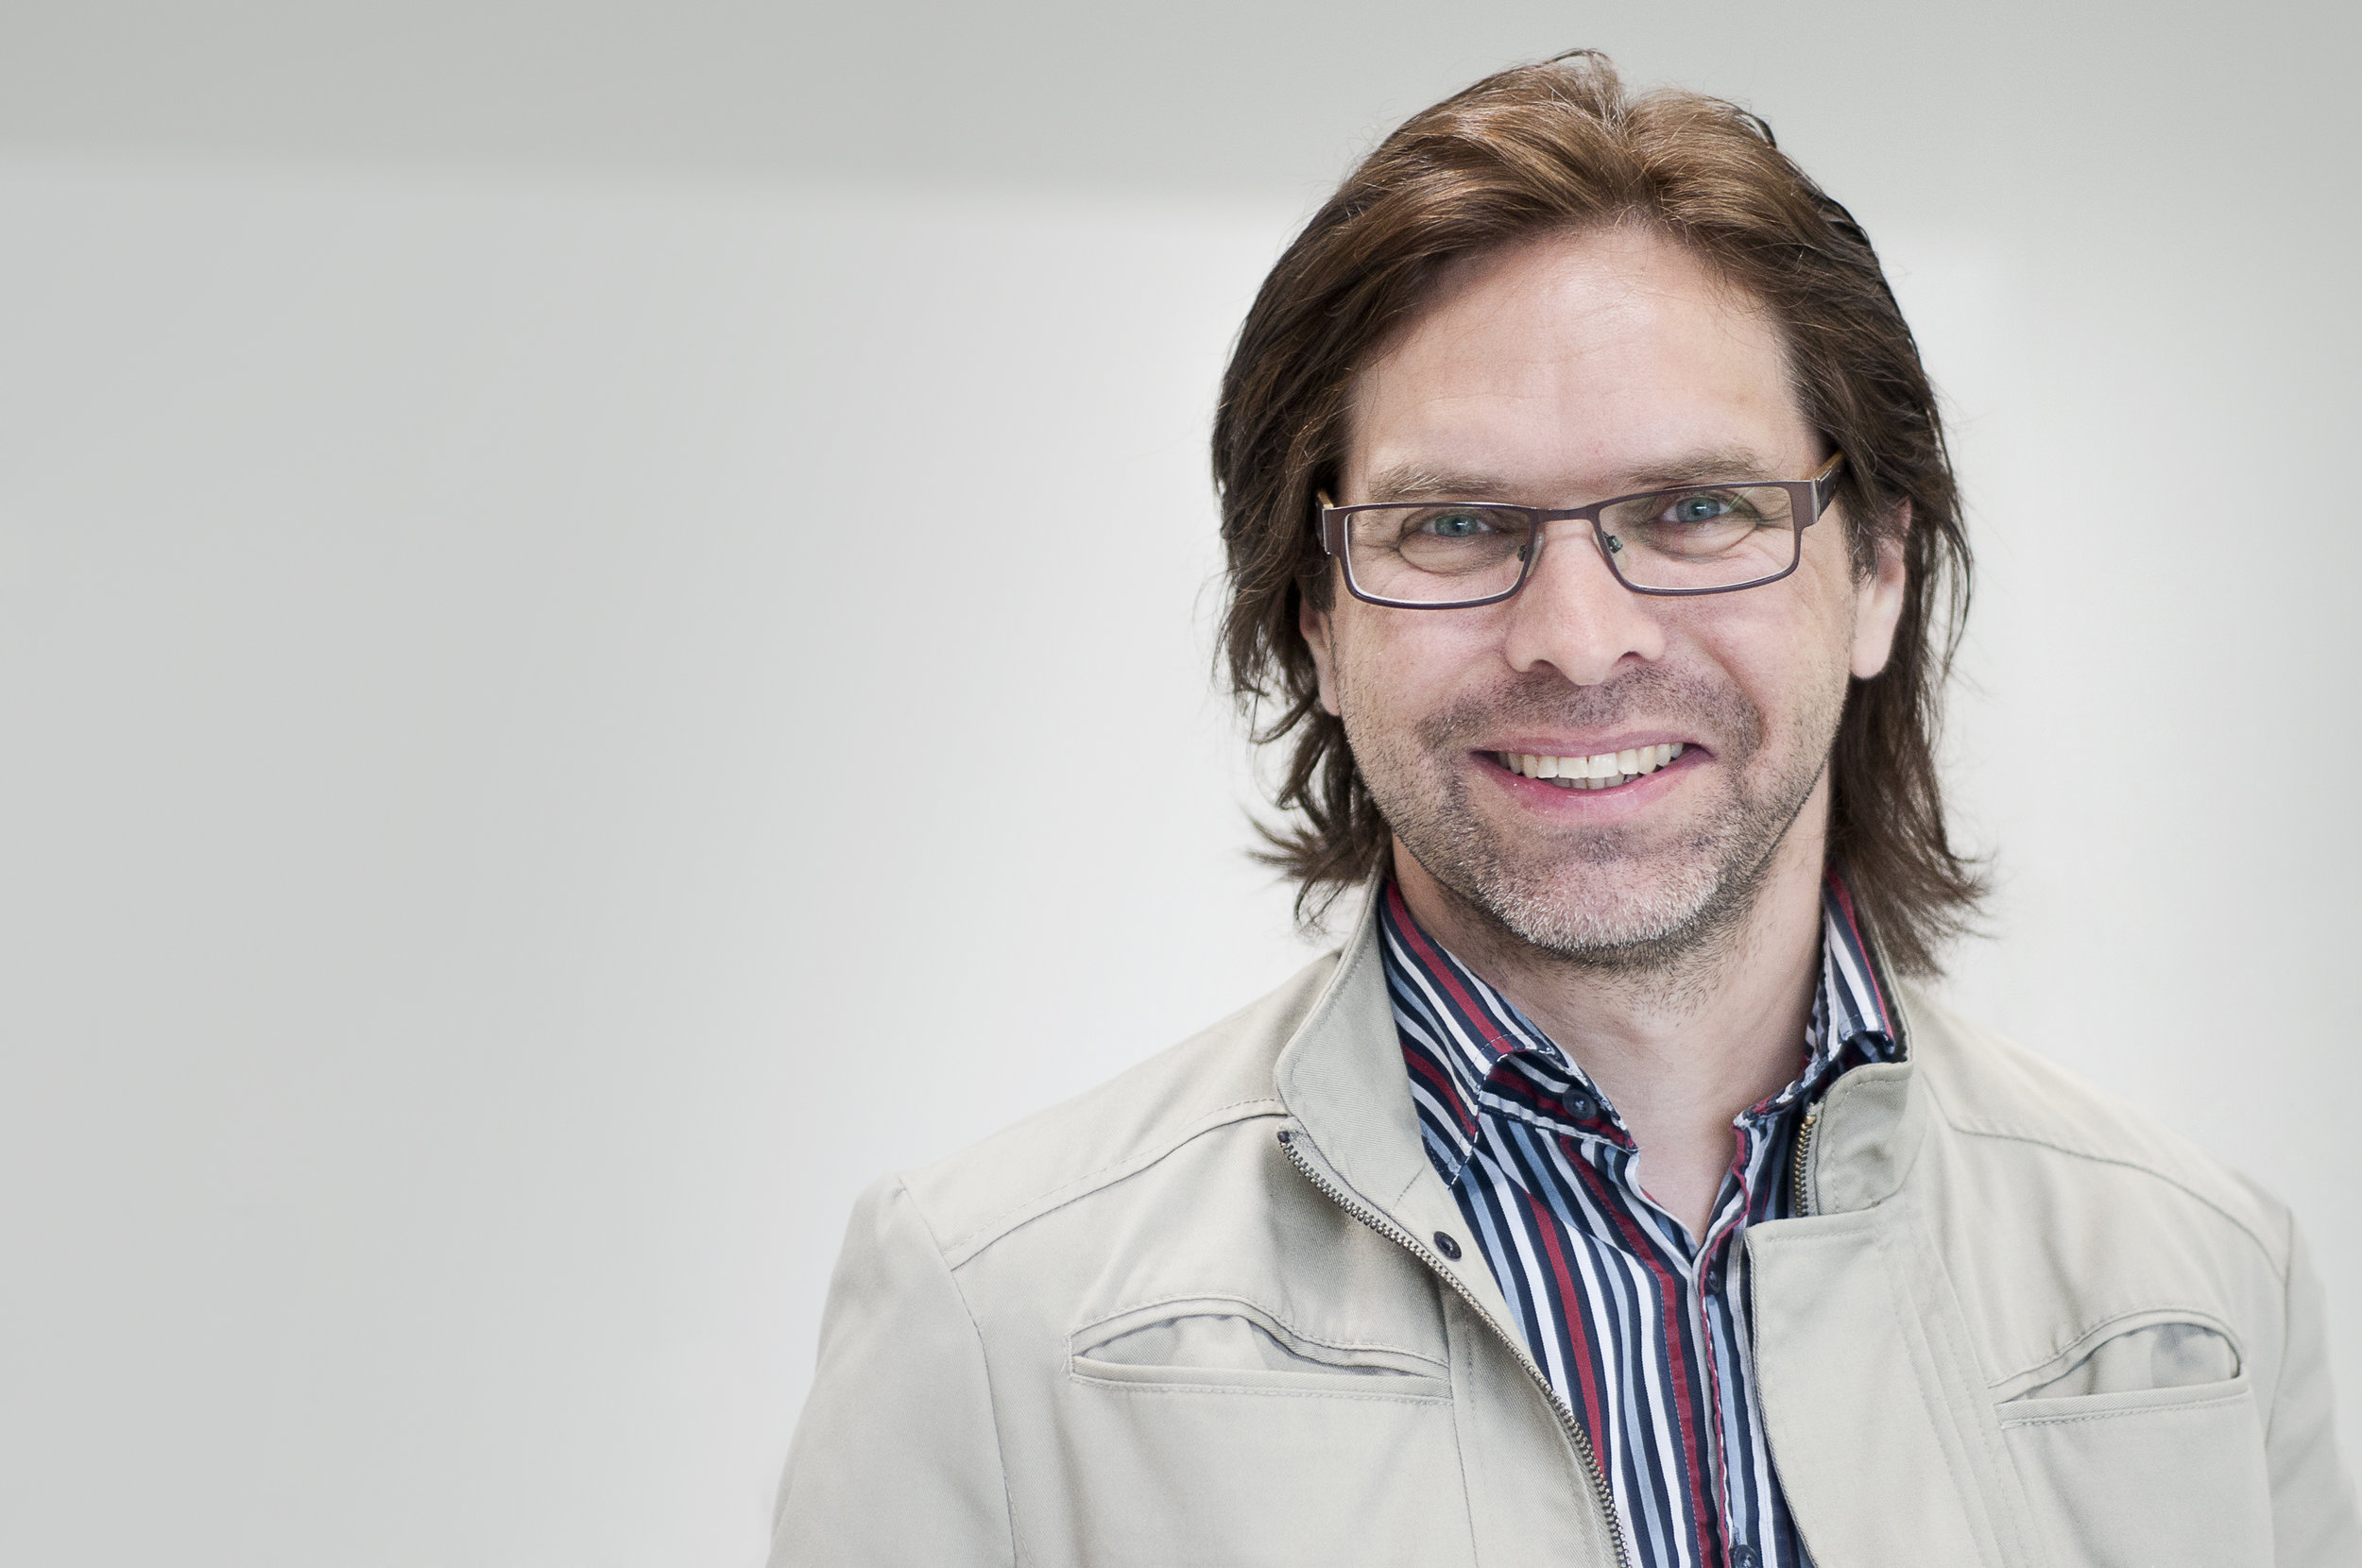 Bjørn Joachimsen profilbilde-TOG6138.jpg